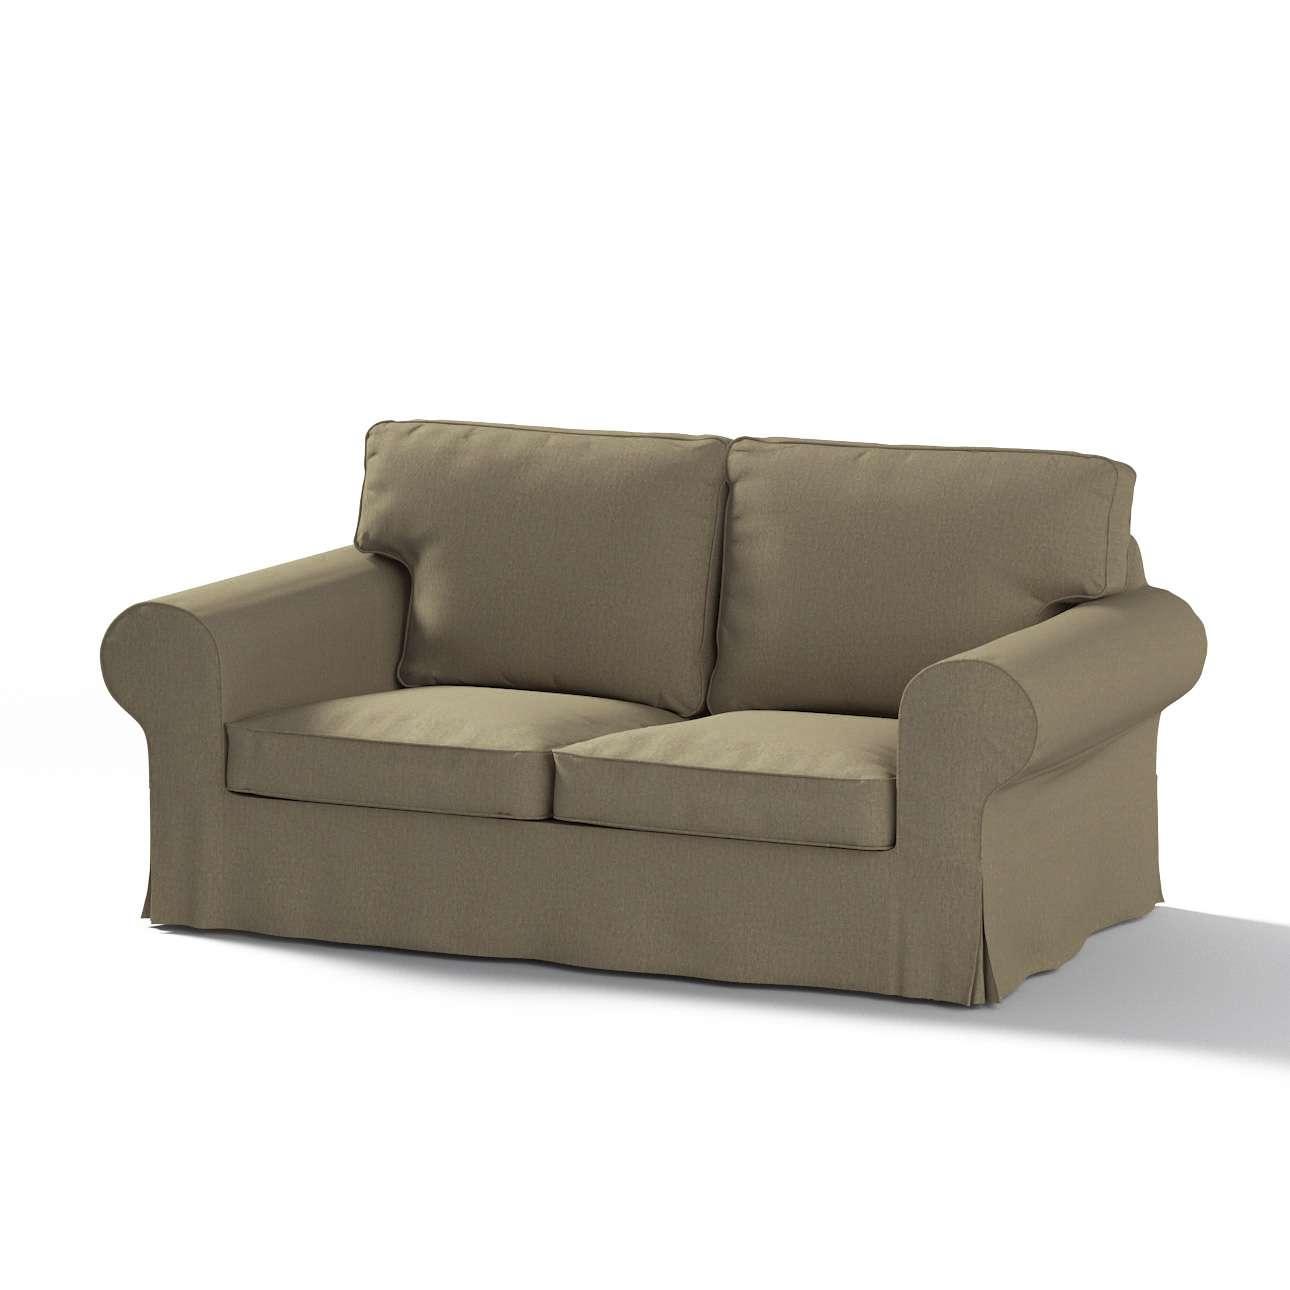 Pokrowiec na sofę Ektorp 2-osobową, rozkładaną, model do 2012 w kolekcji Chenille, tkanina: 702-21